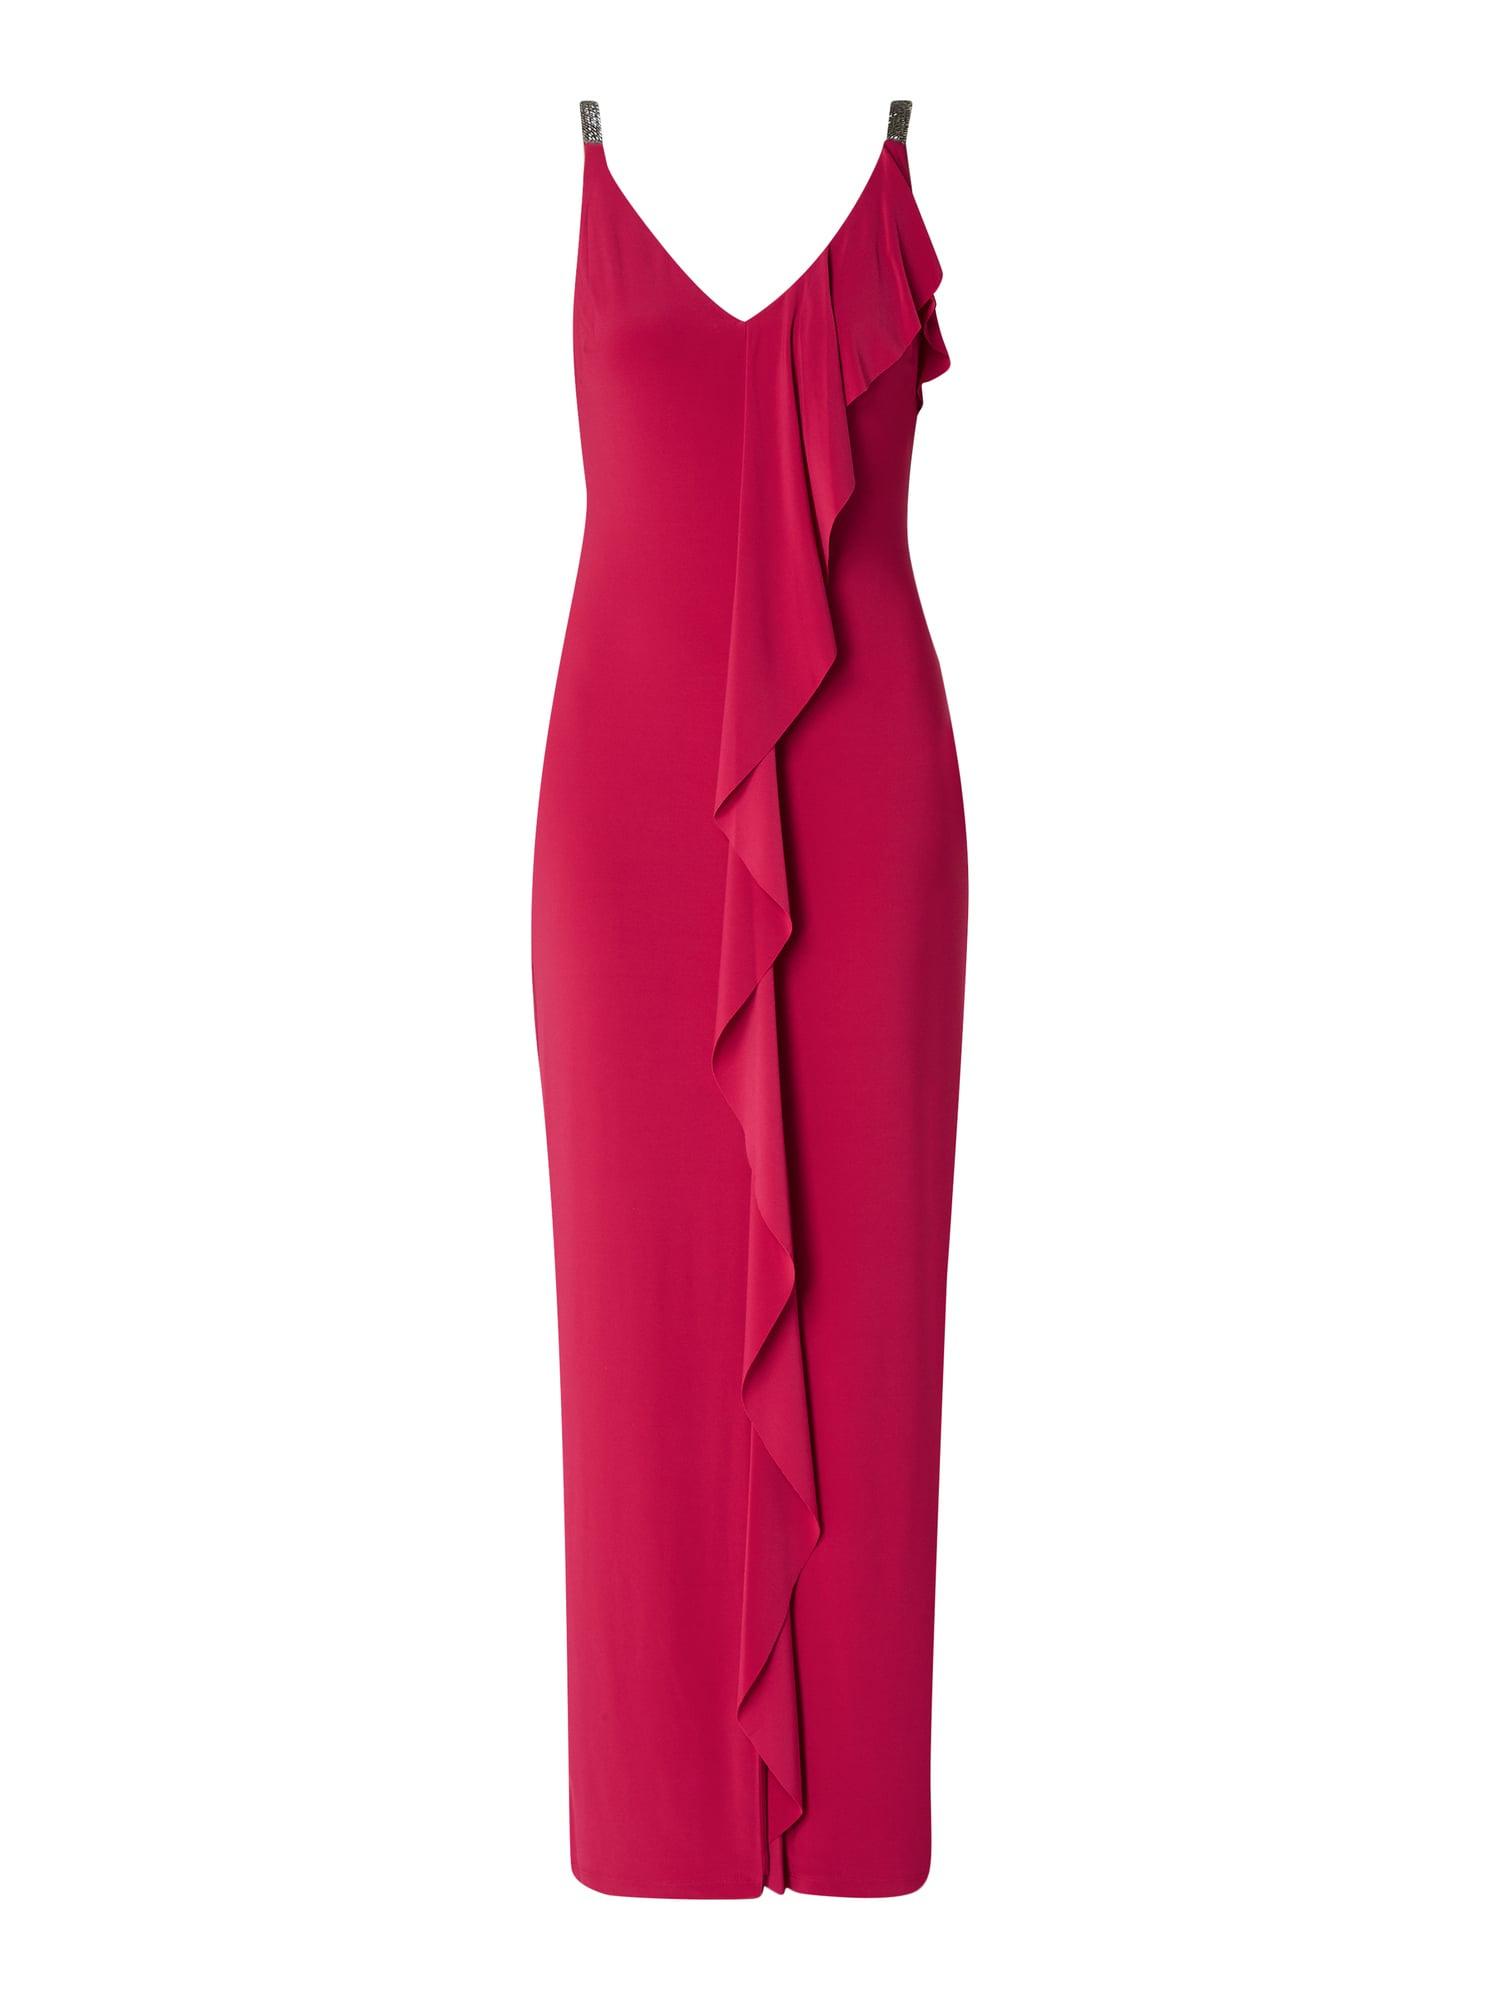 Formal Leicht Abendkleider Ralph Lauren Galerie15 Spektakulär Abendkleider Ralph Lauren Stylish